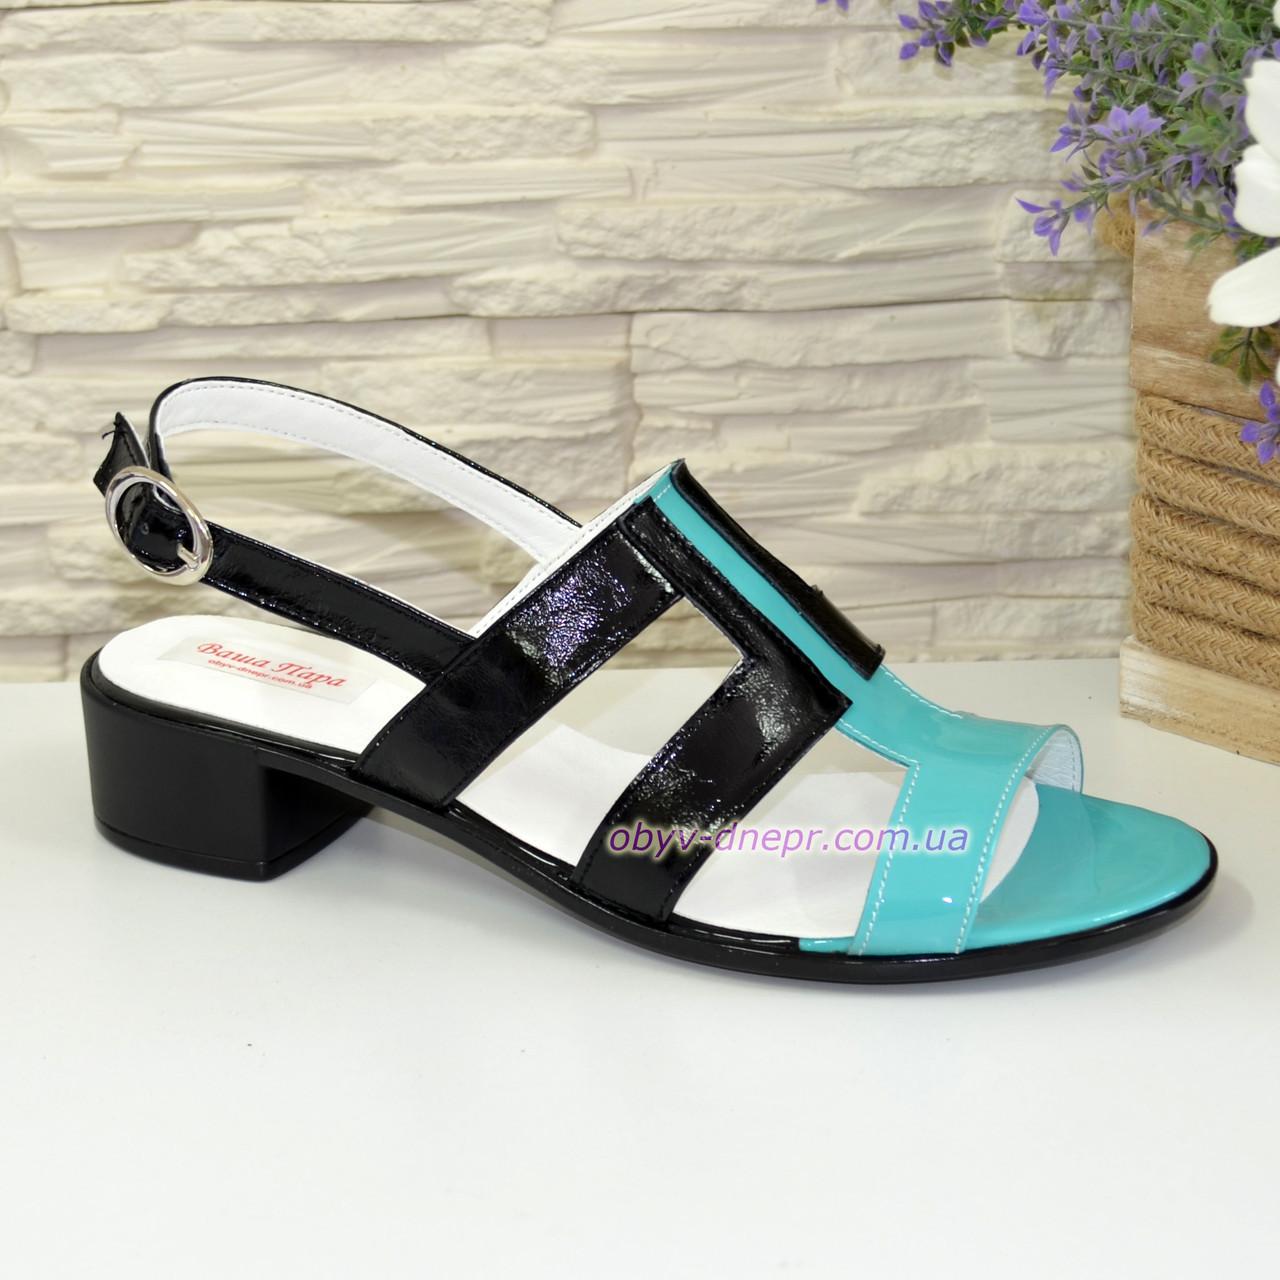 Женские лаковые босоножки на маленьком каблуке, цвет мята/черный